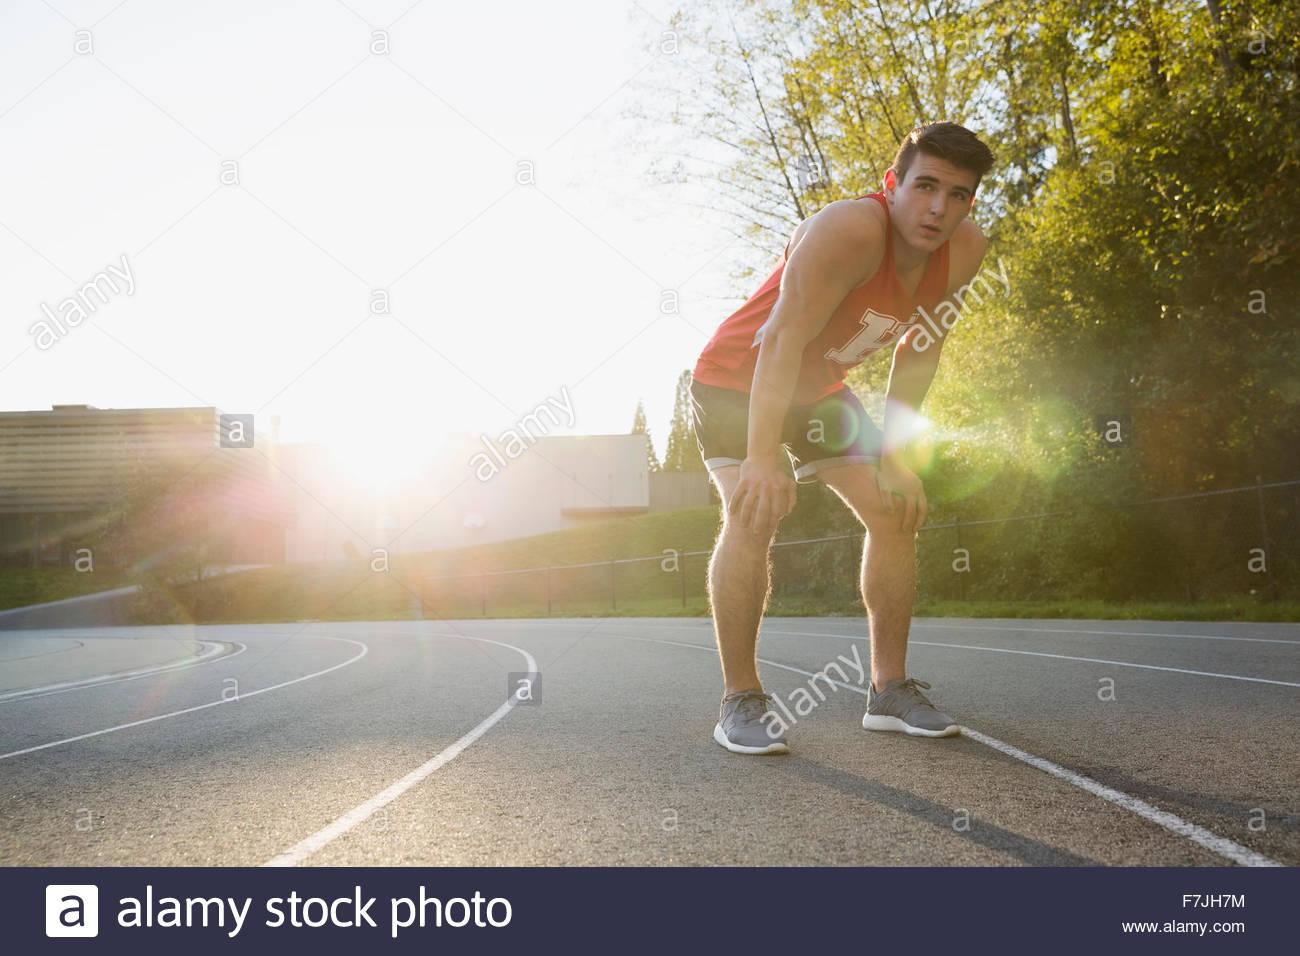 Cansado high school atleta de pista y campo Imagen De Stock